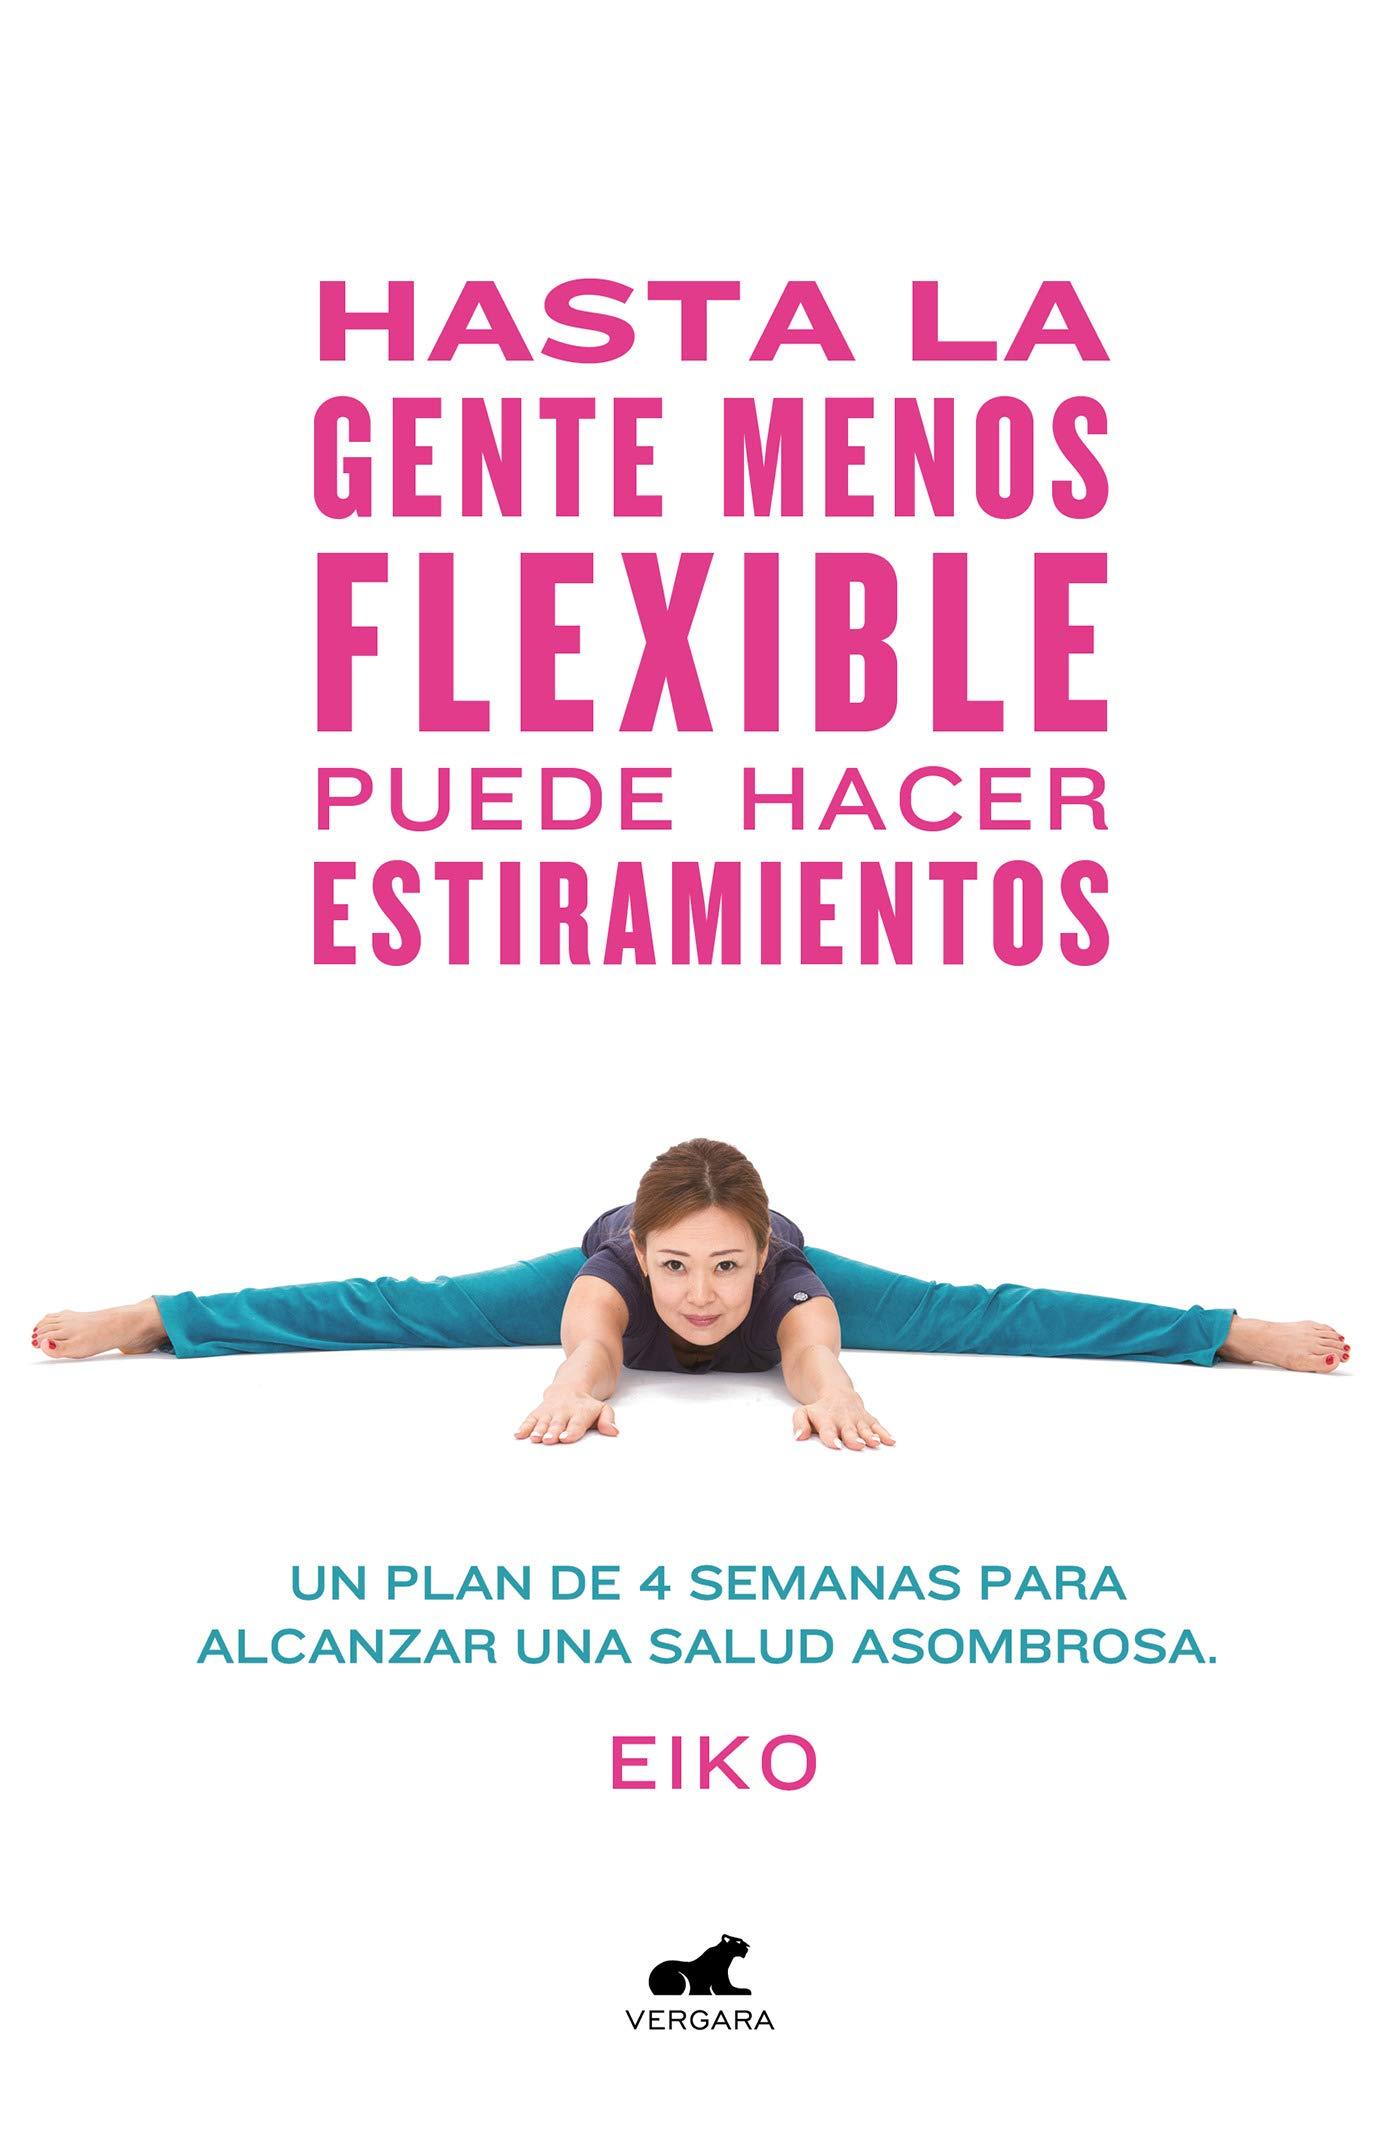 Hasta la gente menos flexible puede hacer estiramientos: Un plan de 4 semanas para alcanzar una salud asombrosa (Libro práctico) Tapa blanda – 13 sep 2018 Eiko Vergara (Ediciones B) 8416076790 HEALTH & FITNESS / Yoga